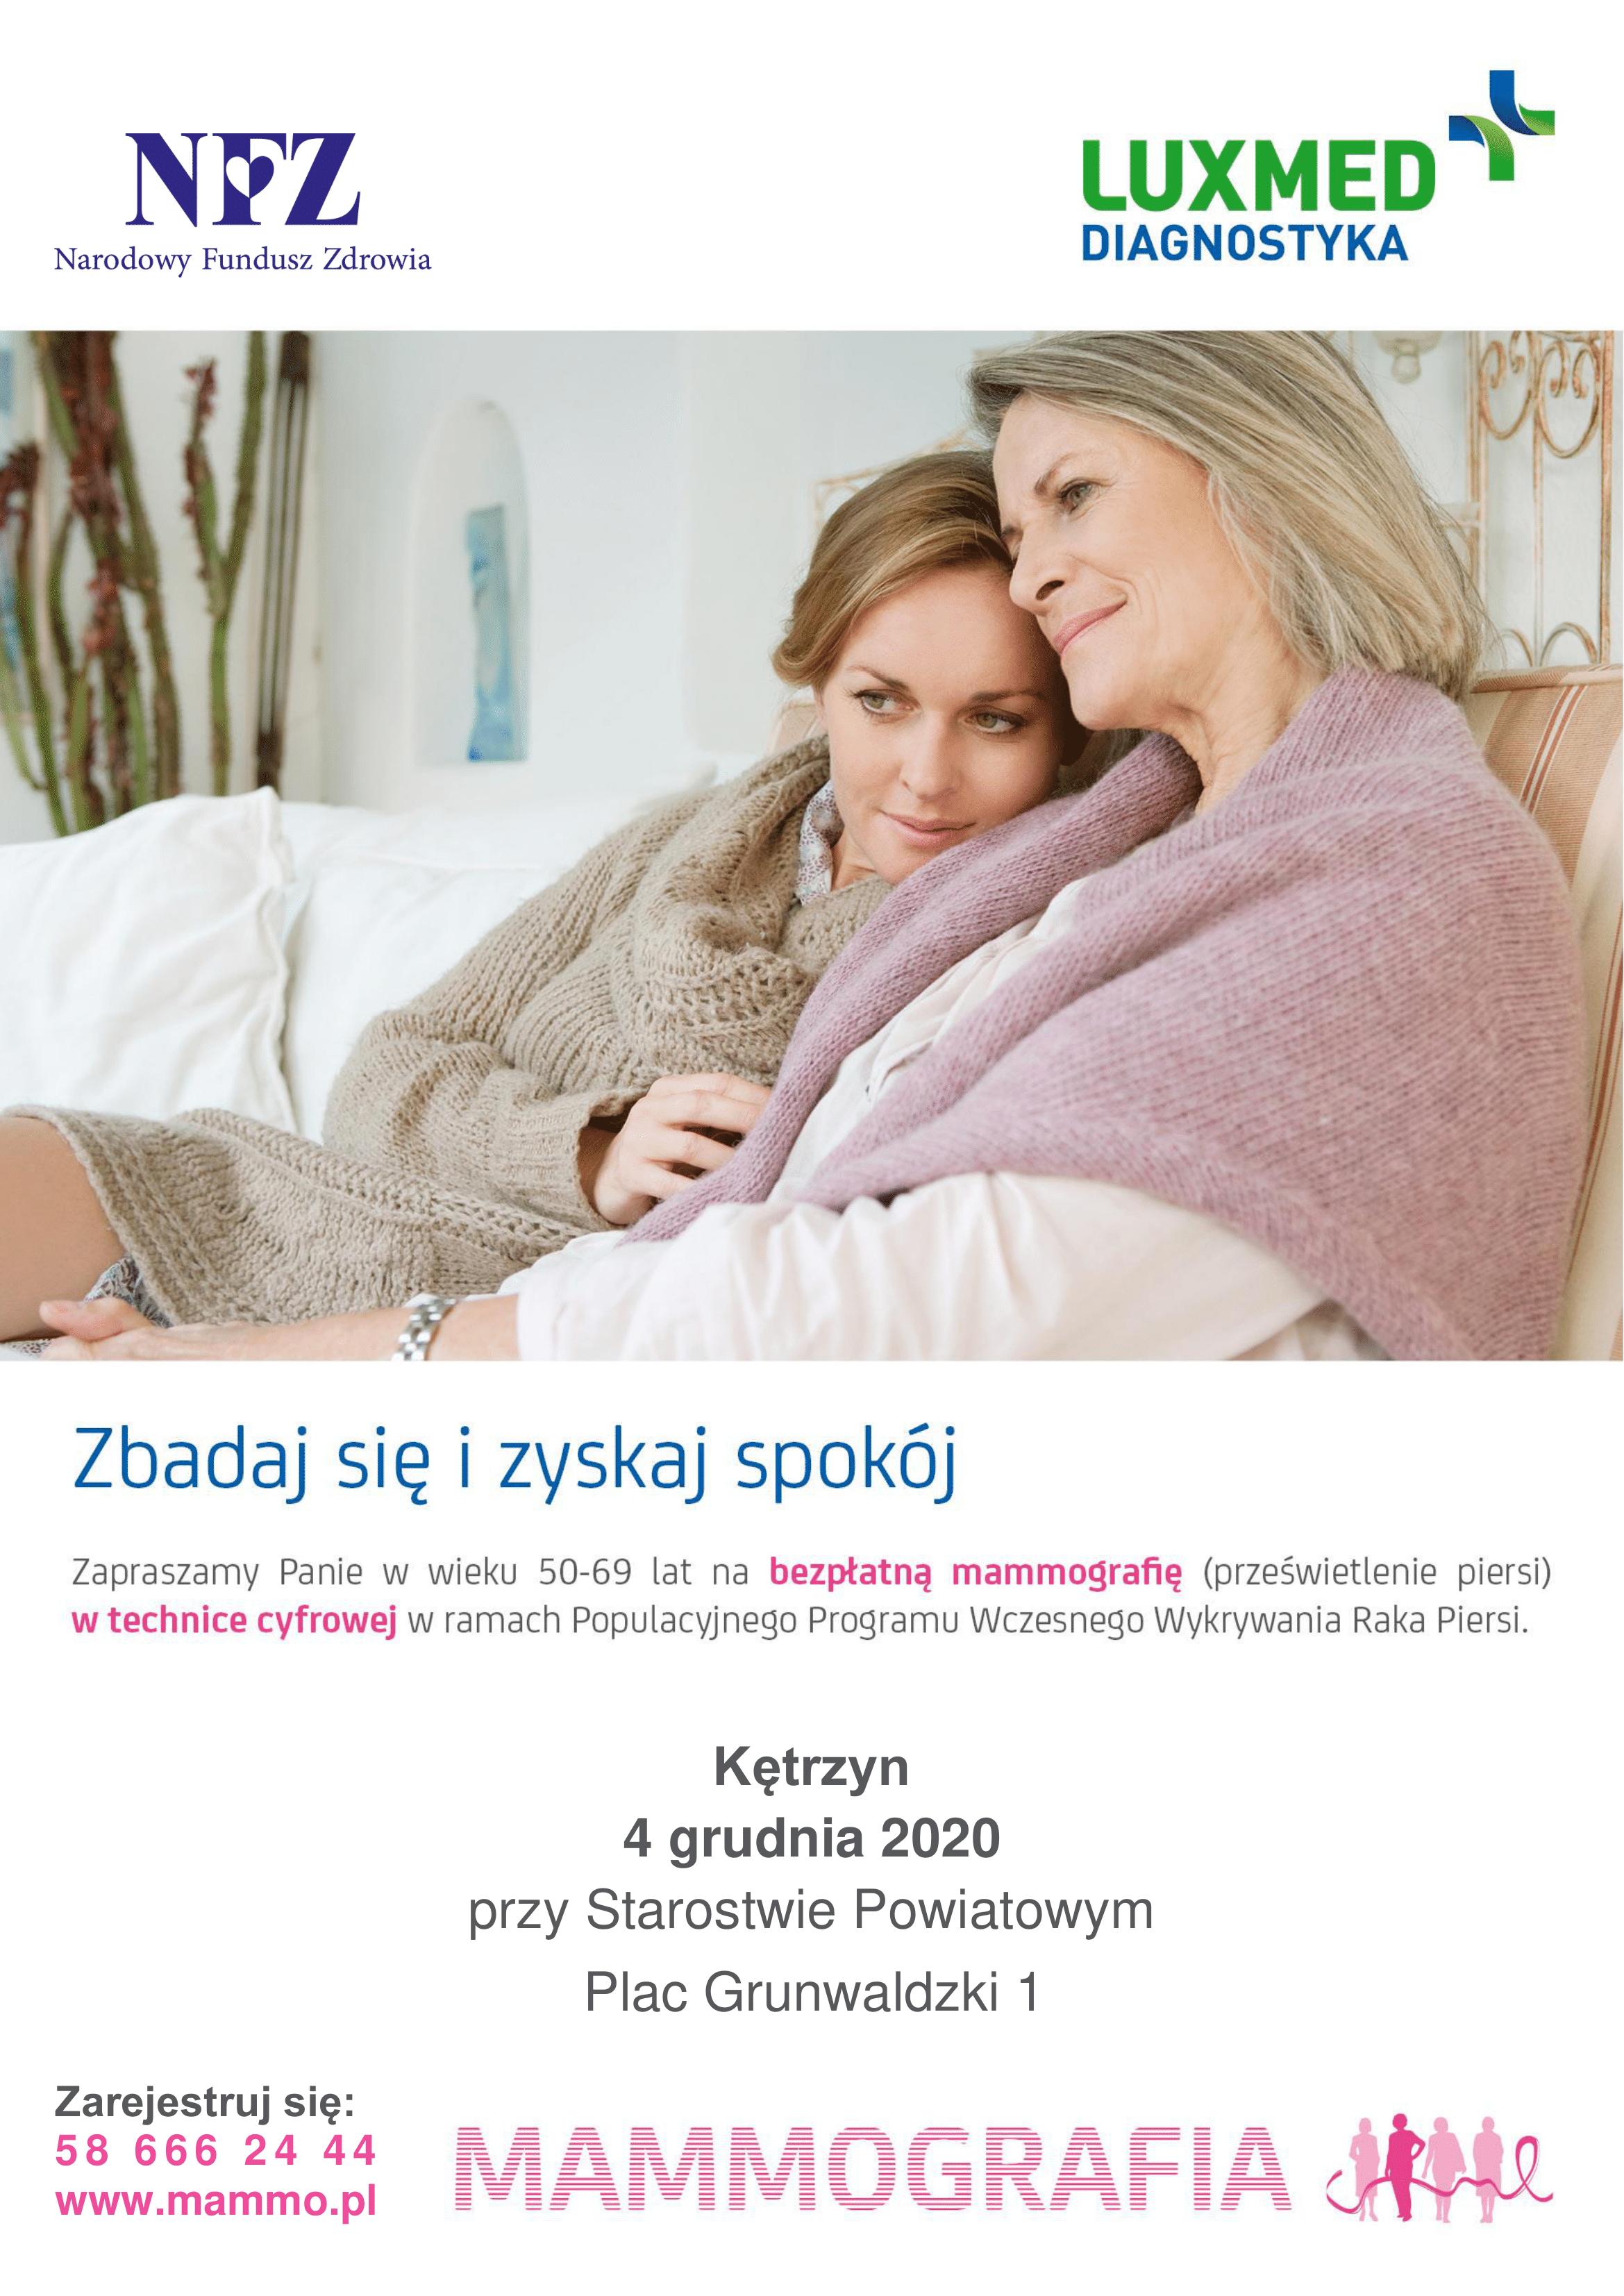 Plakat zapraszający Panie w wieku 50-69 na bezpłatną mammografię